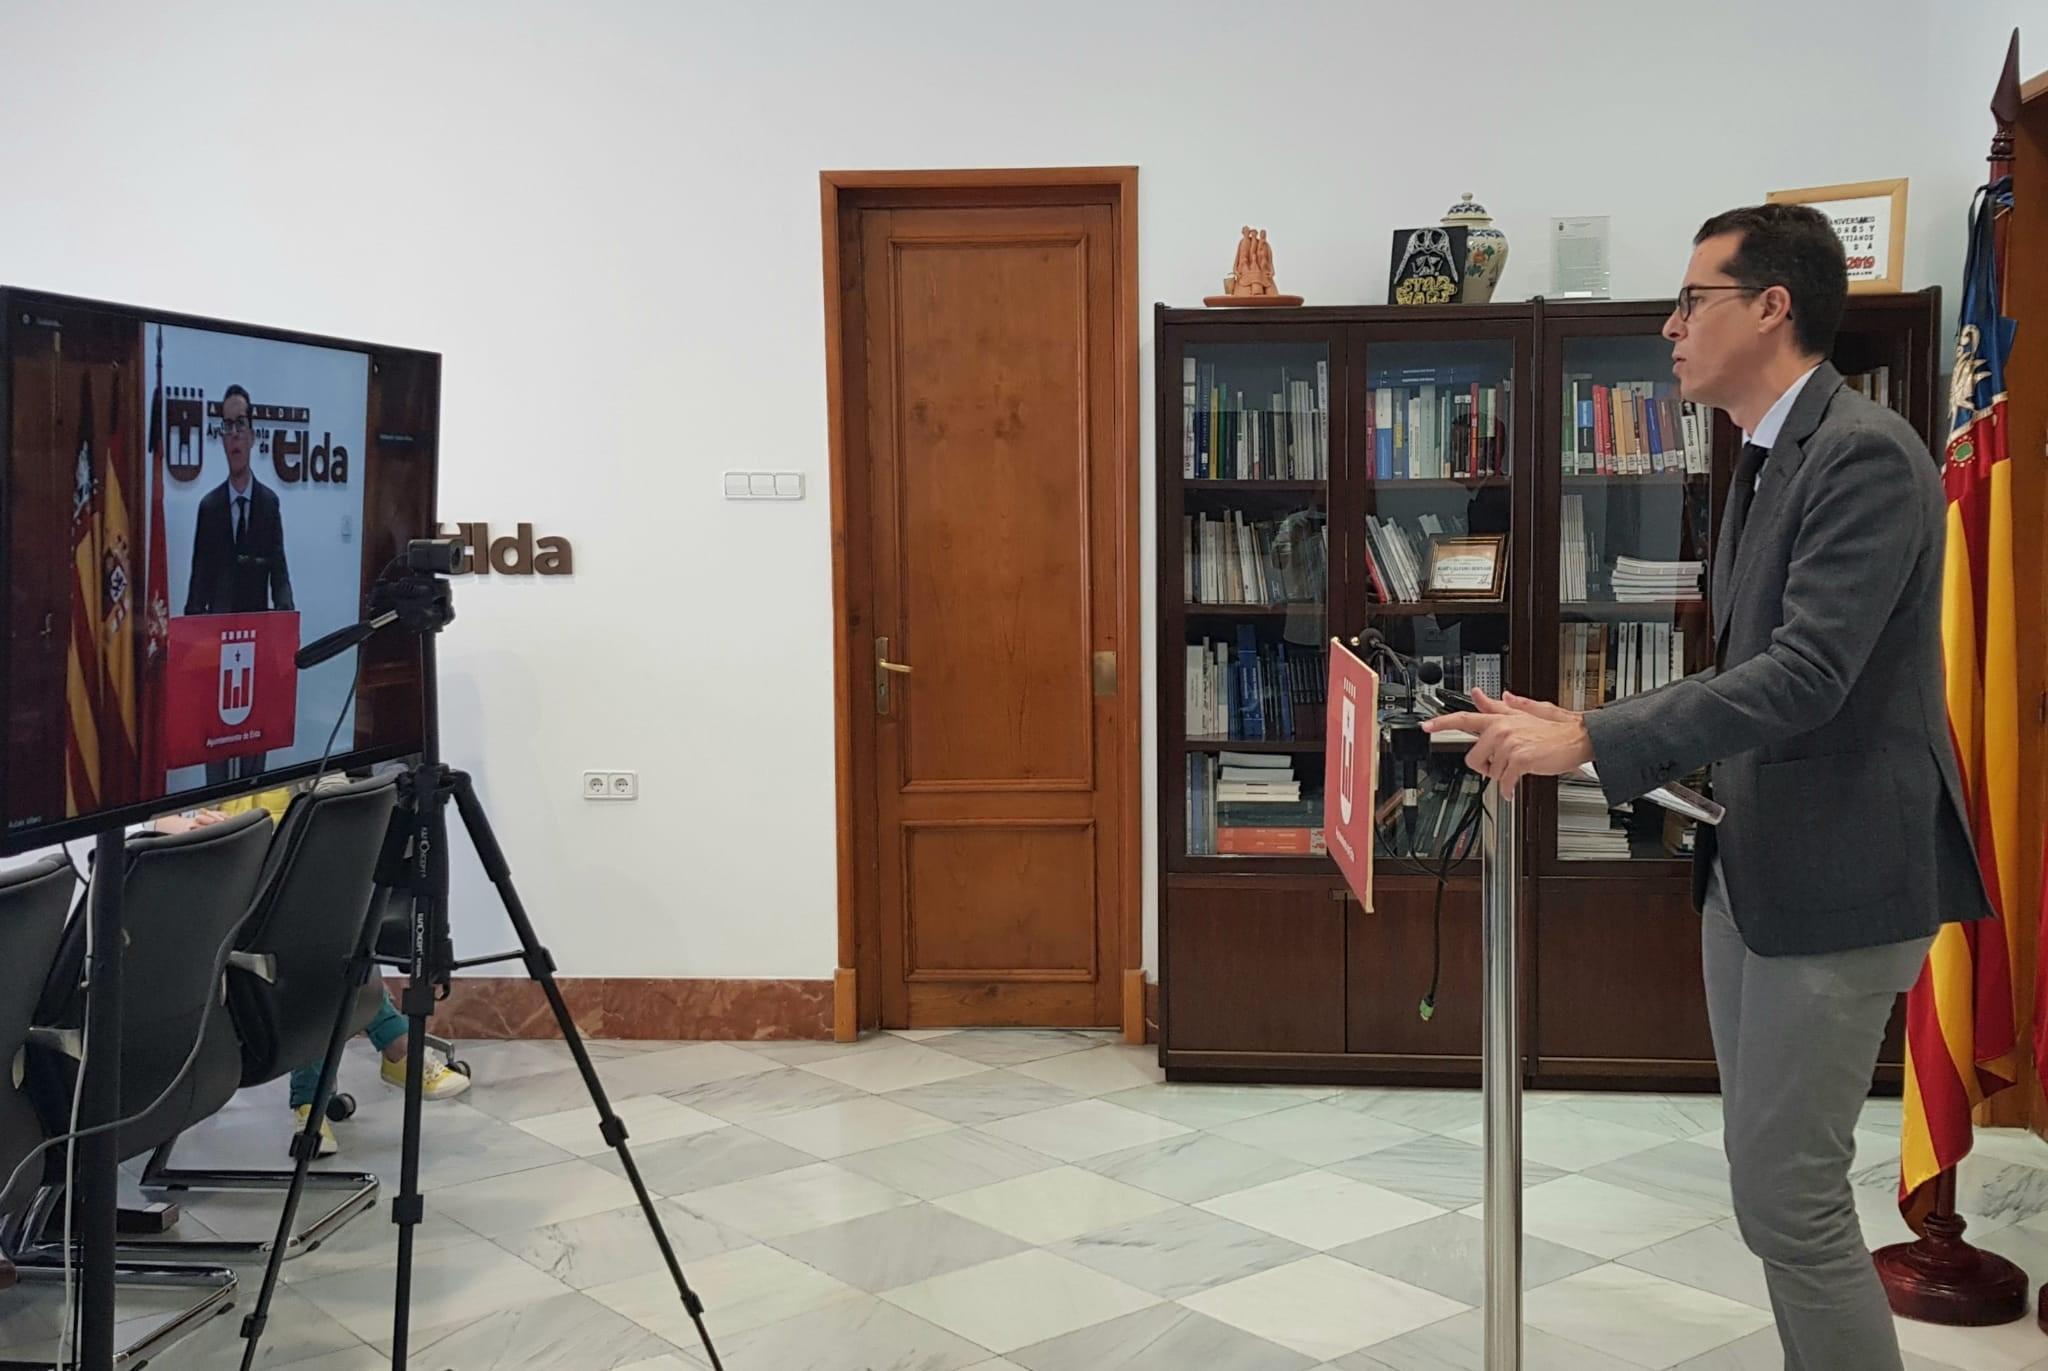 El Ayuntamiento de Elda reabrirá los mercadillos con la entrada de la ciudad en la fase 3 y trasladará el de Virgen de la Cabeza a la calle Jaime Balmes